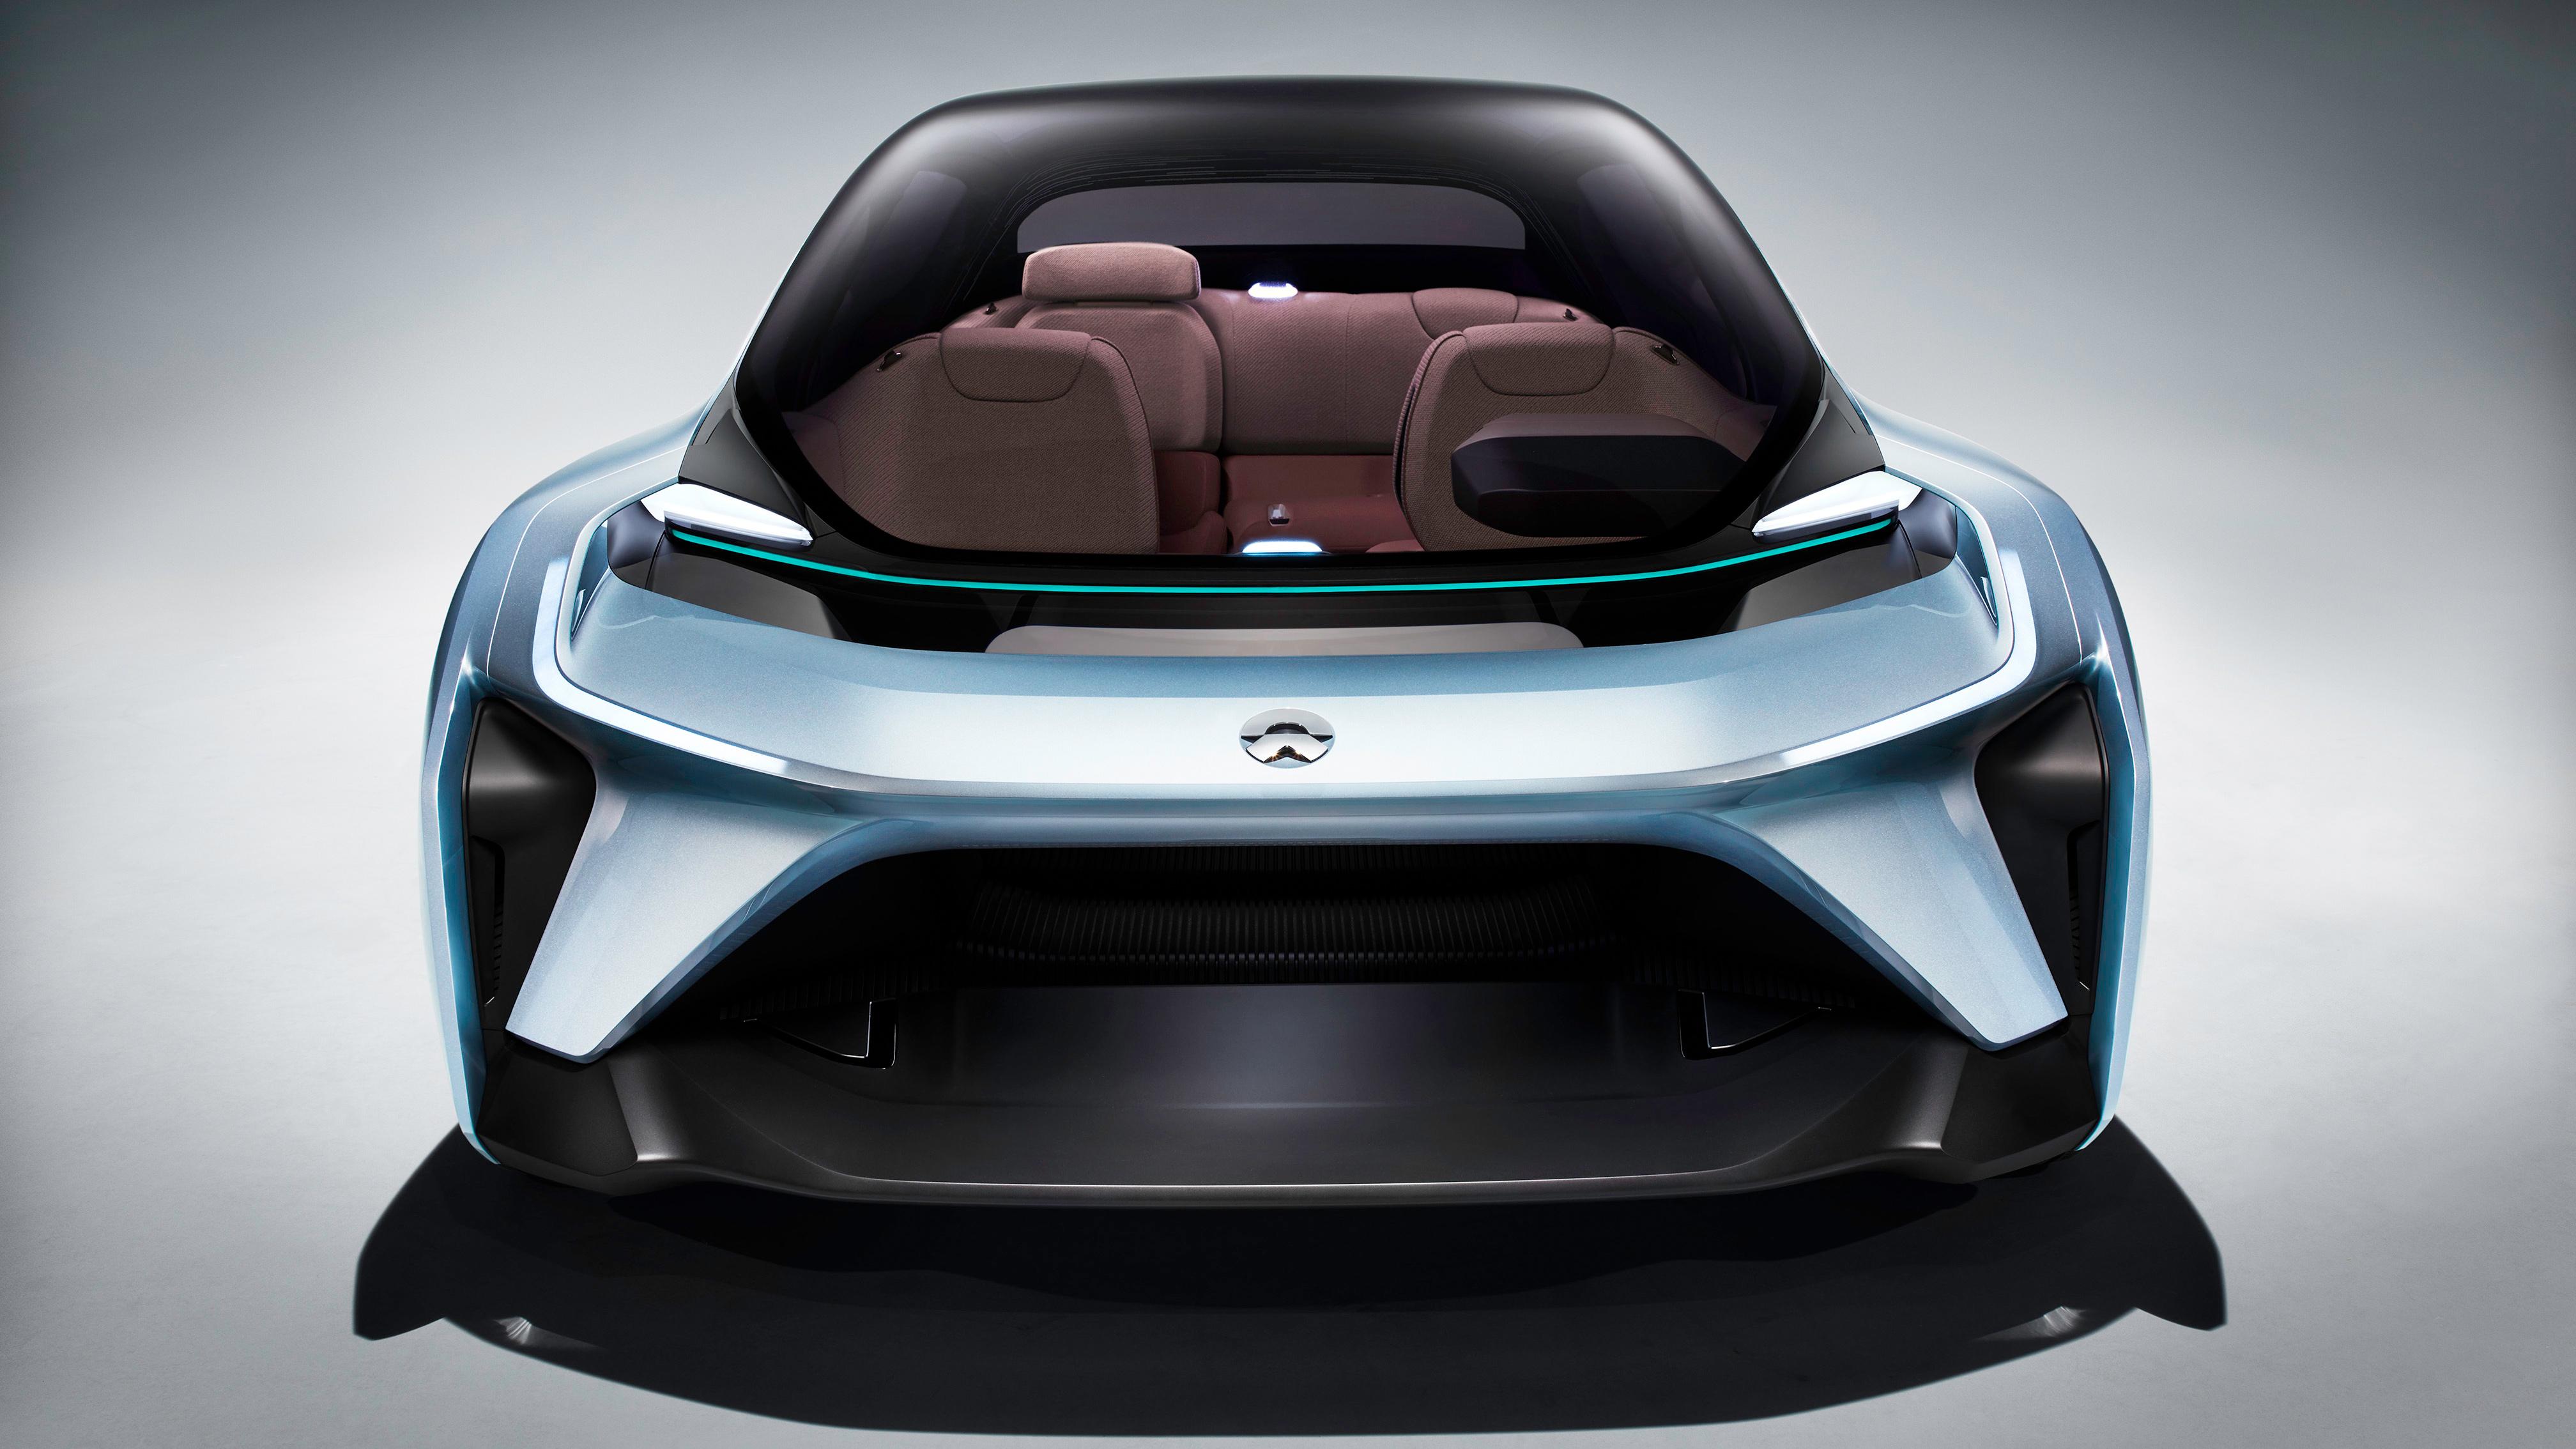 NIO EVE Concept Car 4K 3 Wallpaper | HD Car Wallpapers ...